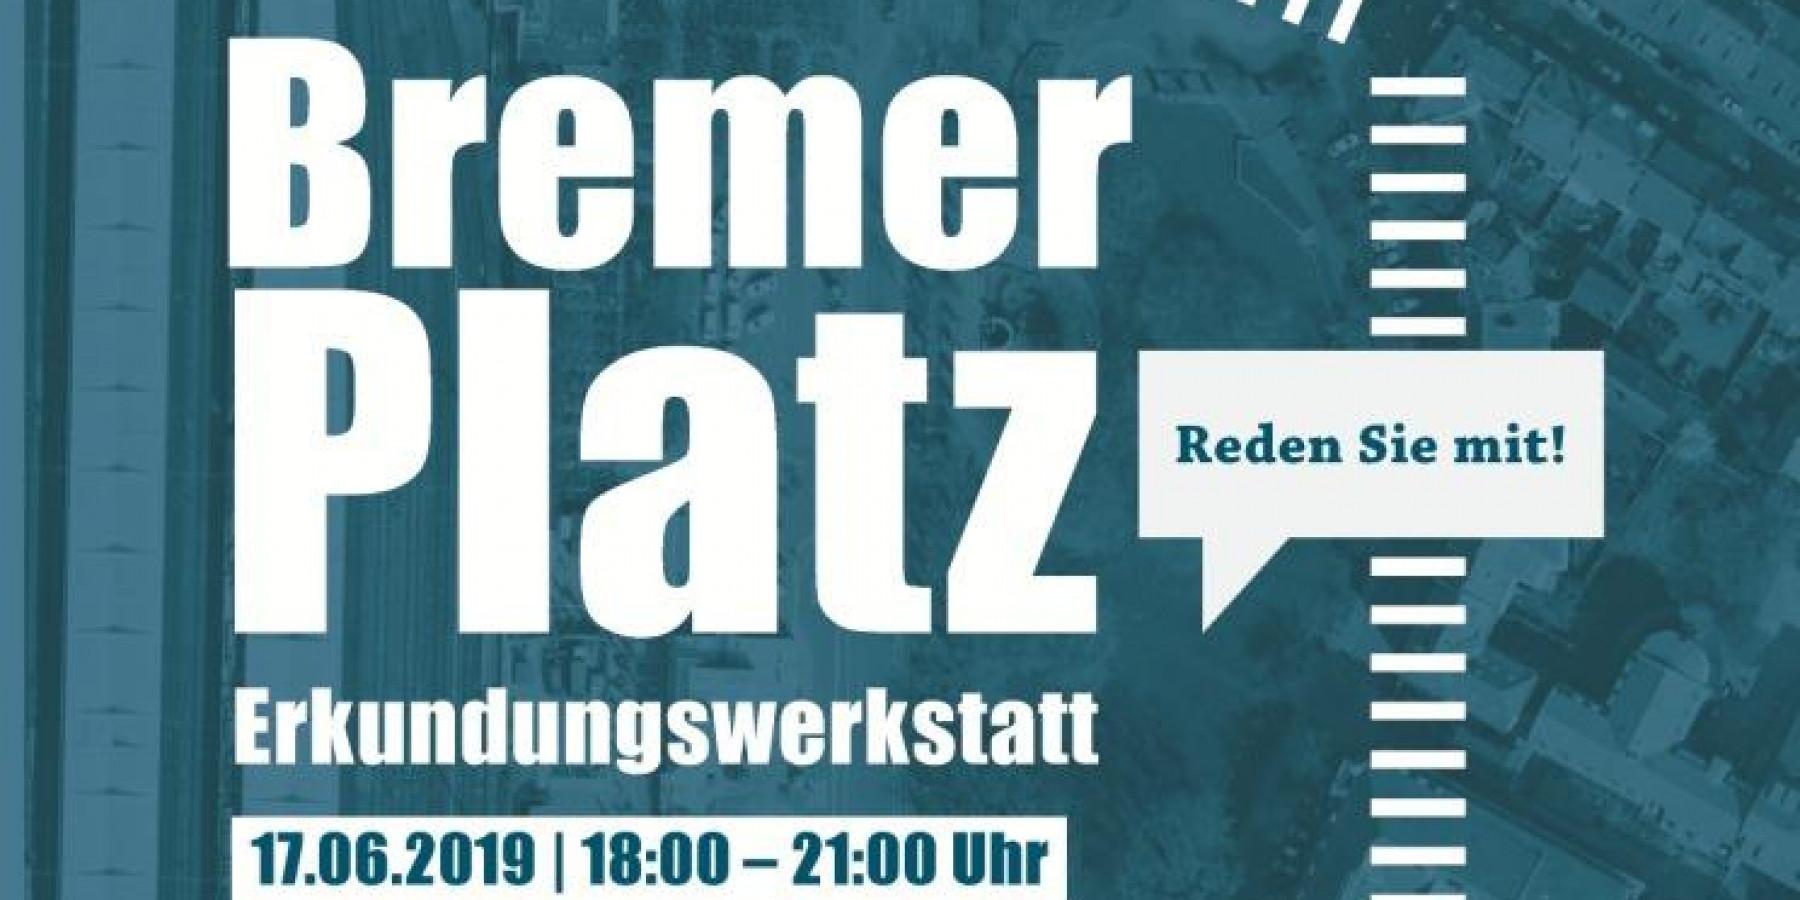 Zukunft des Bremer Platzes